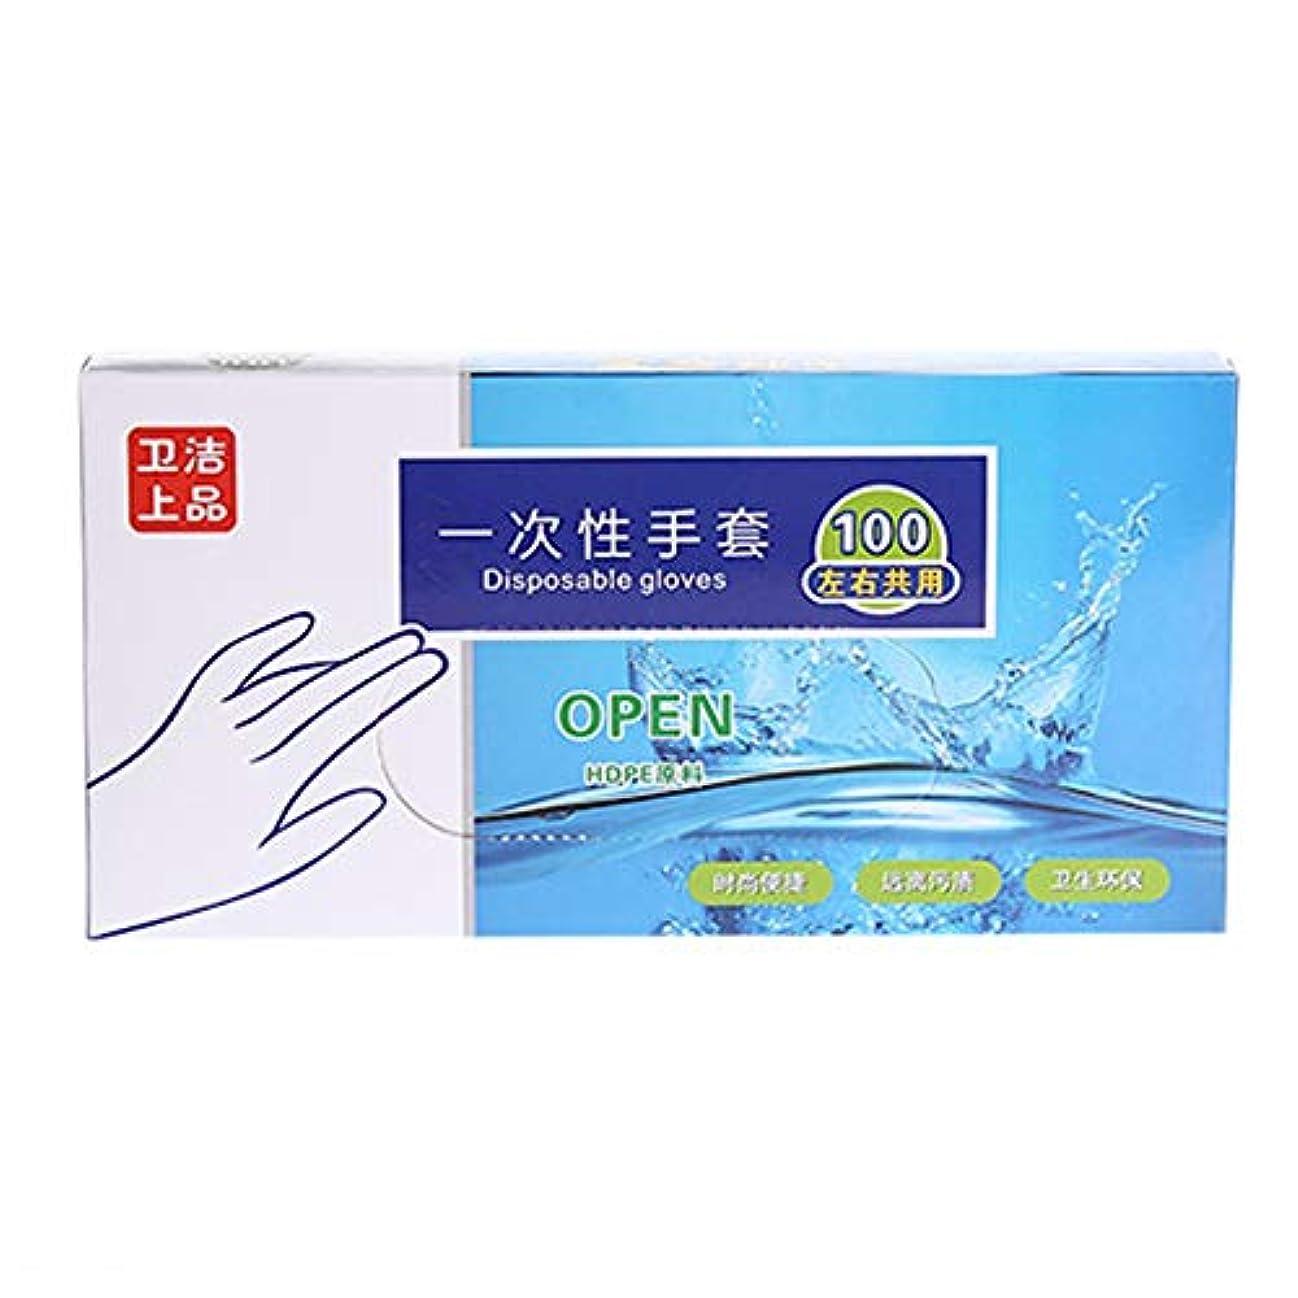 使い捨て手袋 100枚 2パック 入フリーサイズ グローブ ポリエチレン手袋 左右兼用 ポリエチレン PE 実用 衛生 調理 清掃 染髪